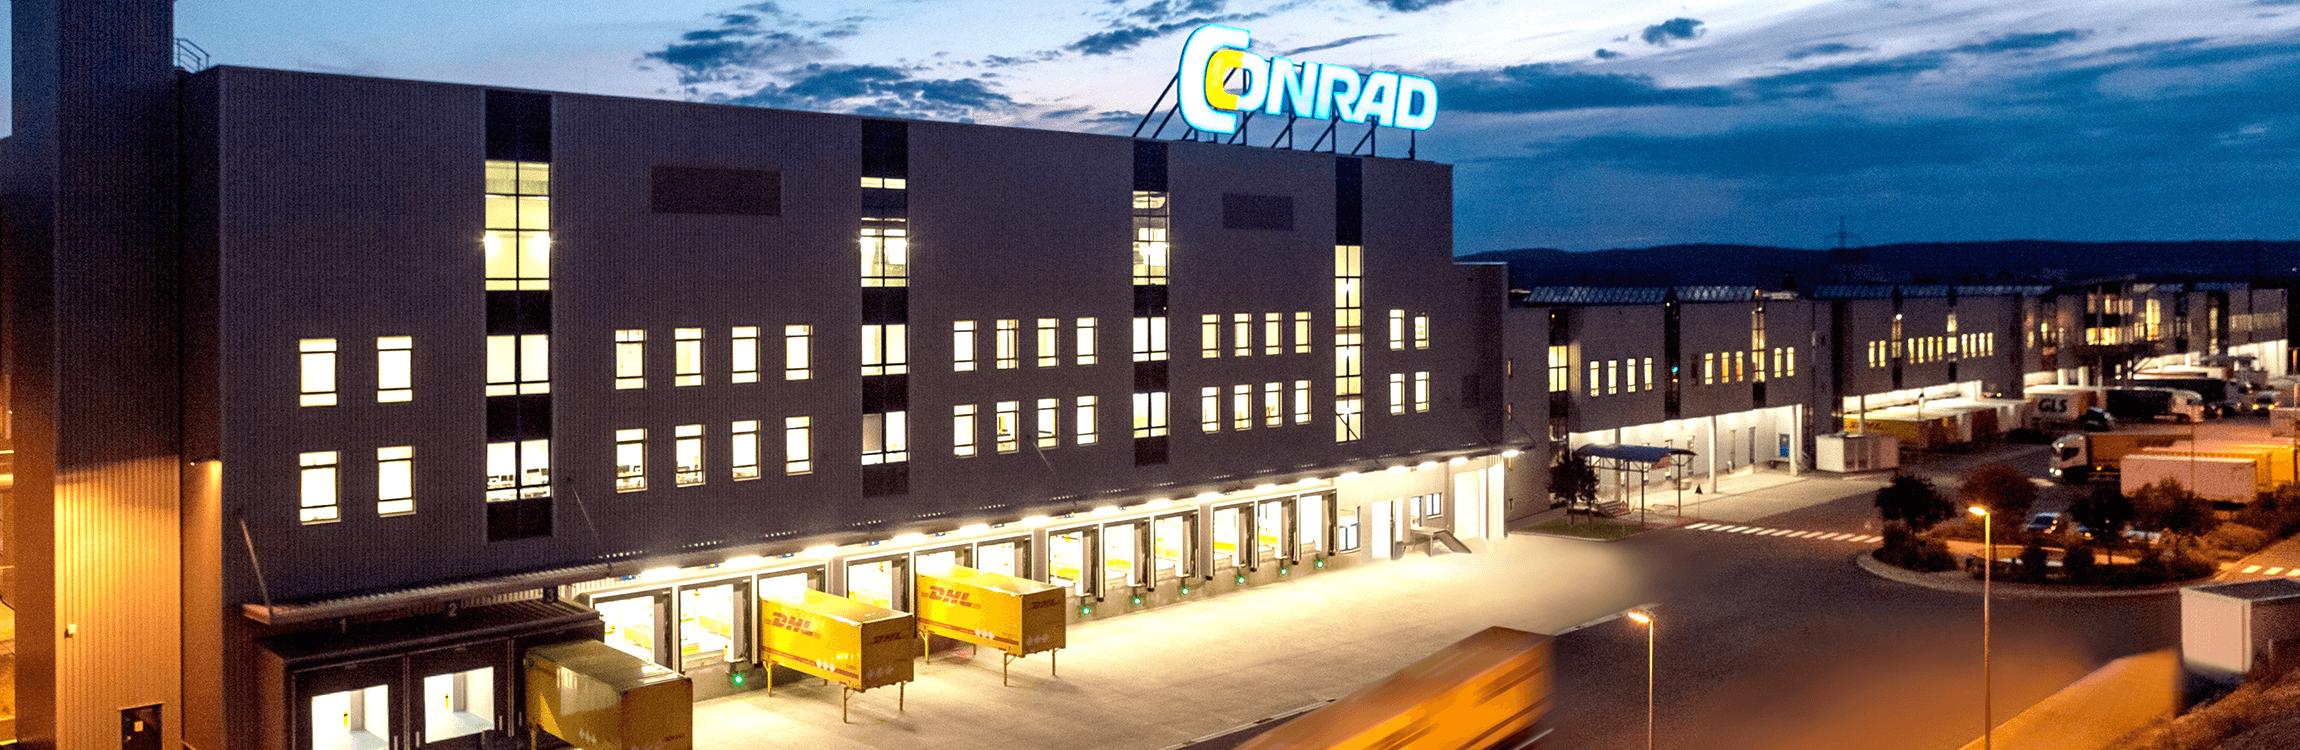 Das neue Distributionszentrum für Conrad.